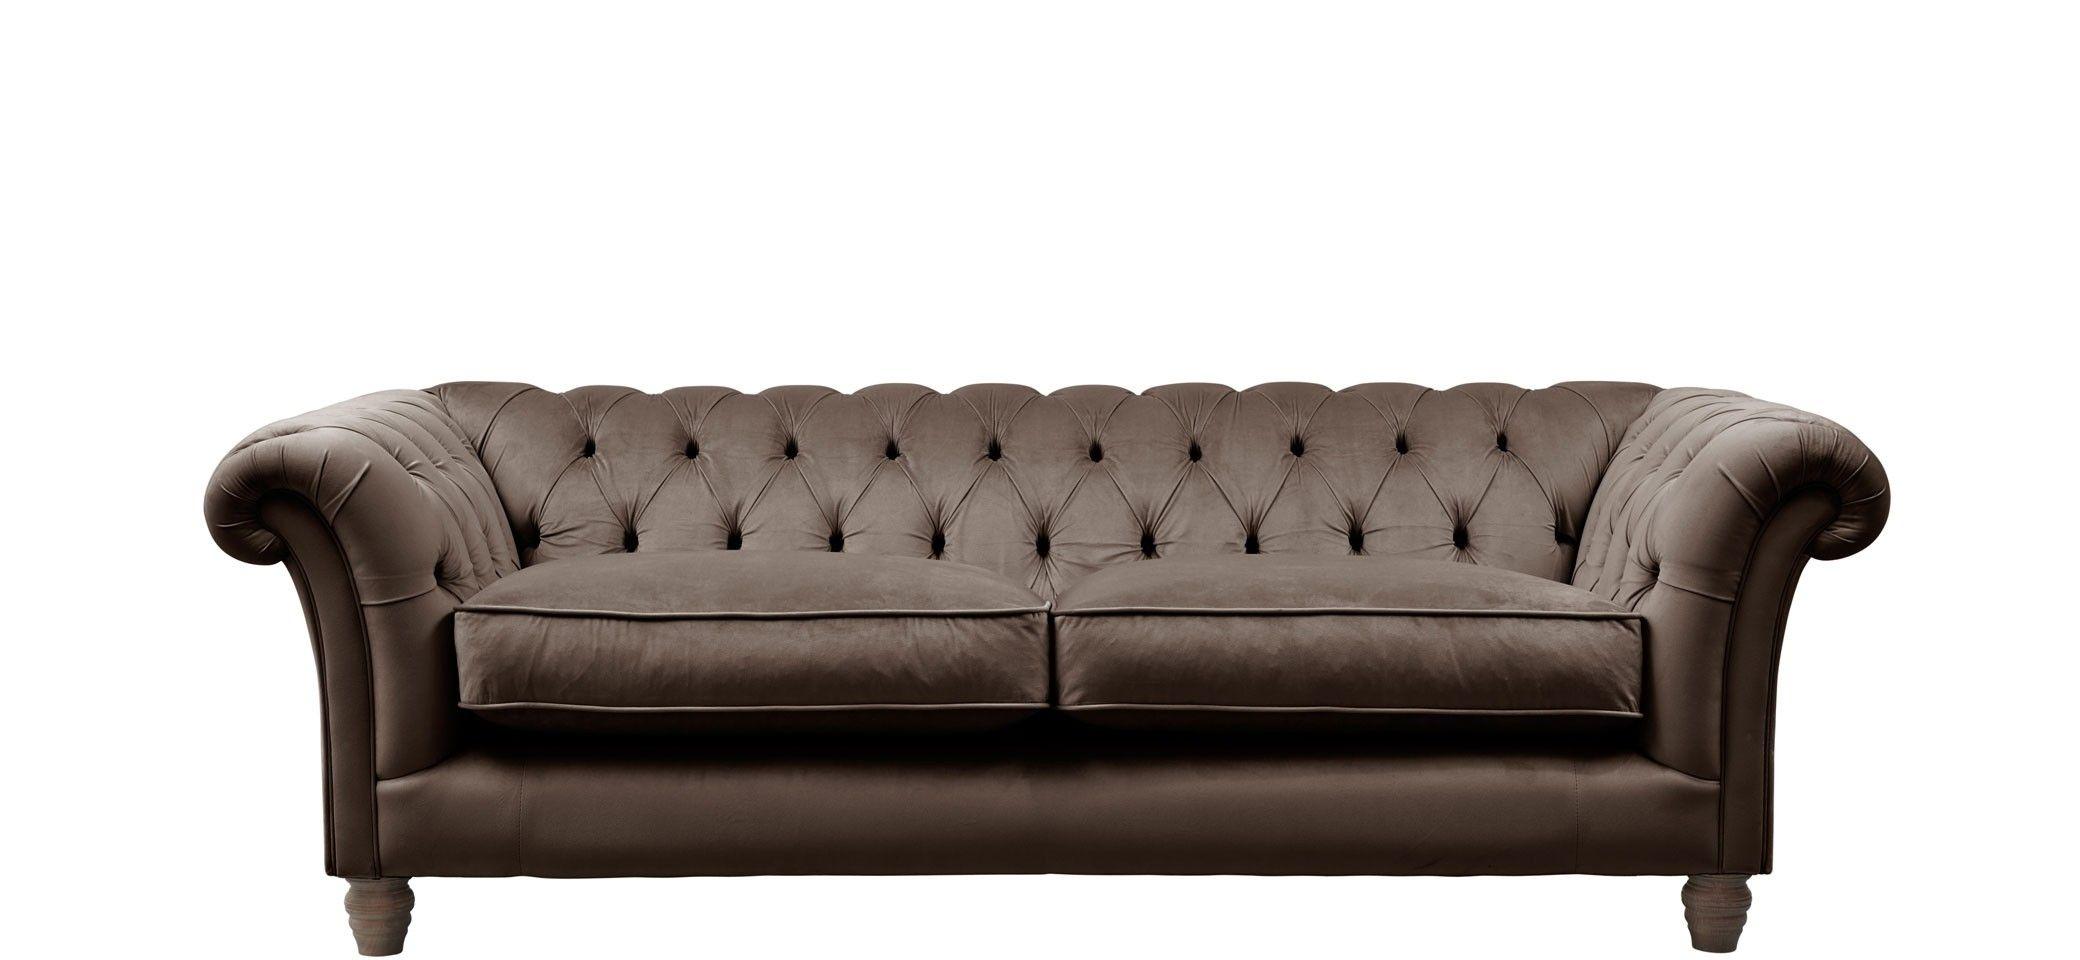 Grosvenor 3 Seater Sofa 3 Seater Sofa Sofa Velvet